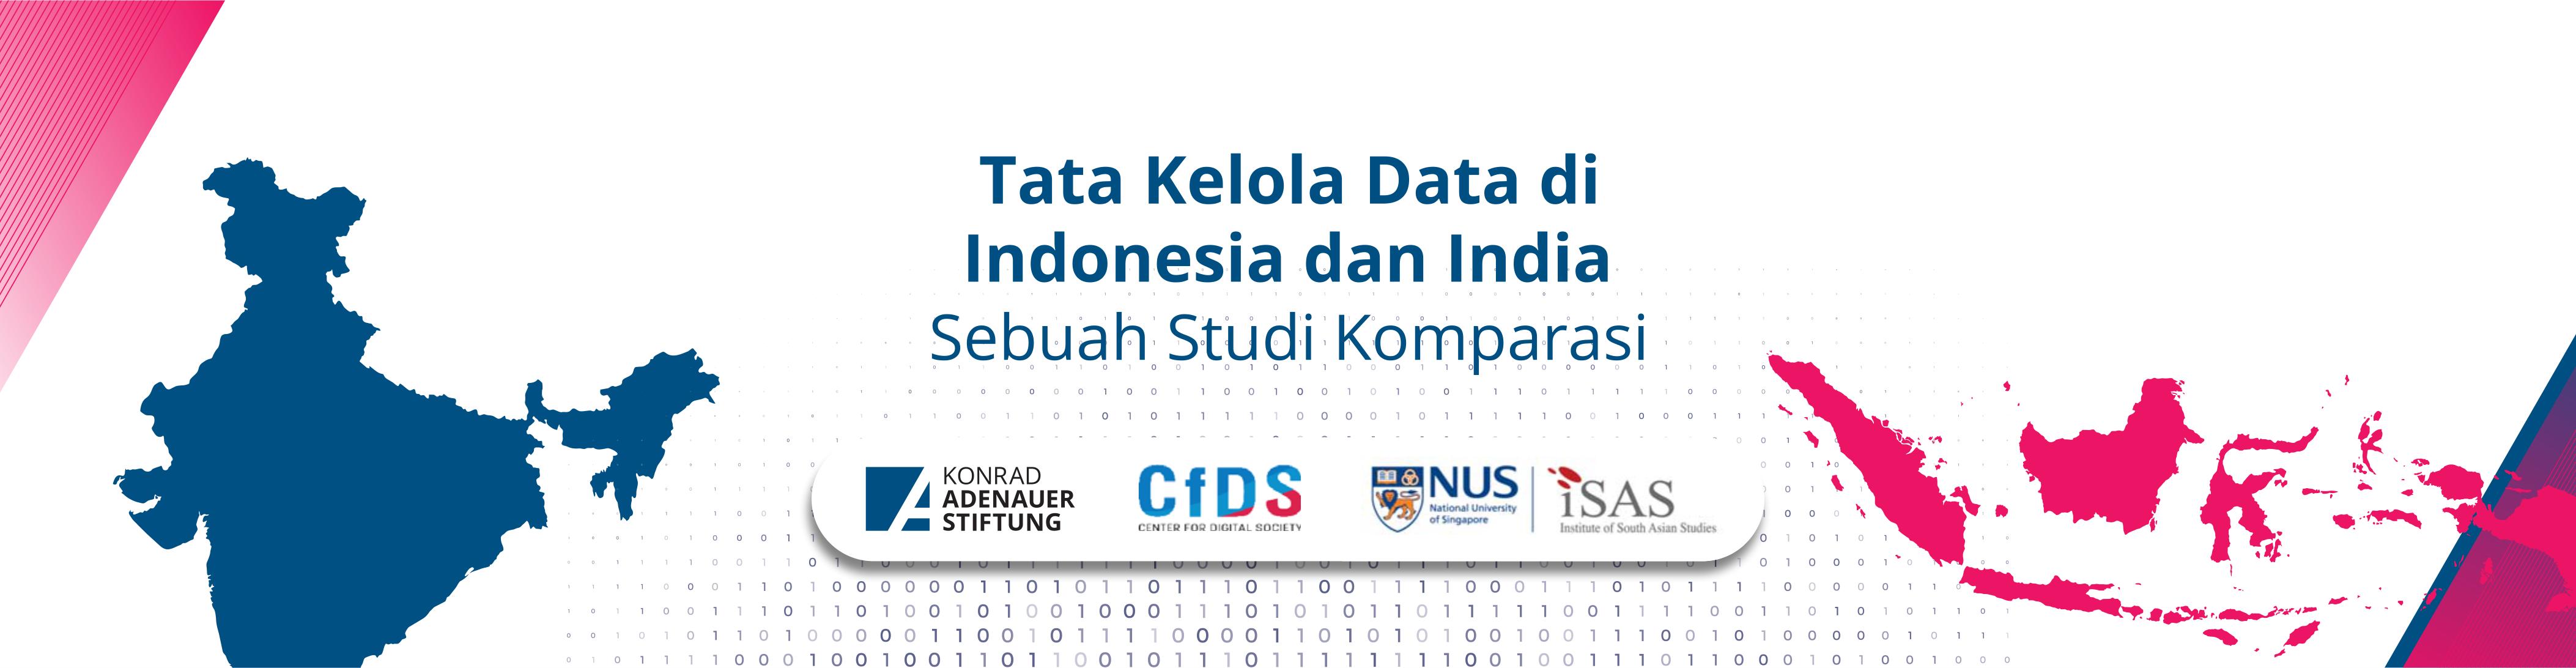 Tata Kelola Data di Indonesia dan India: Sebuah Studi Komparasi